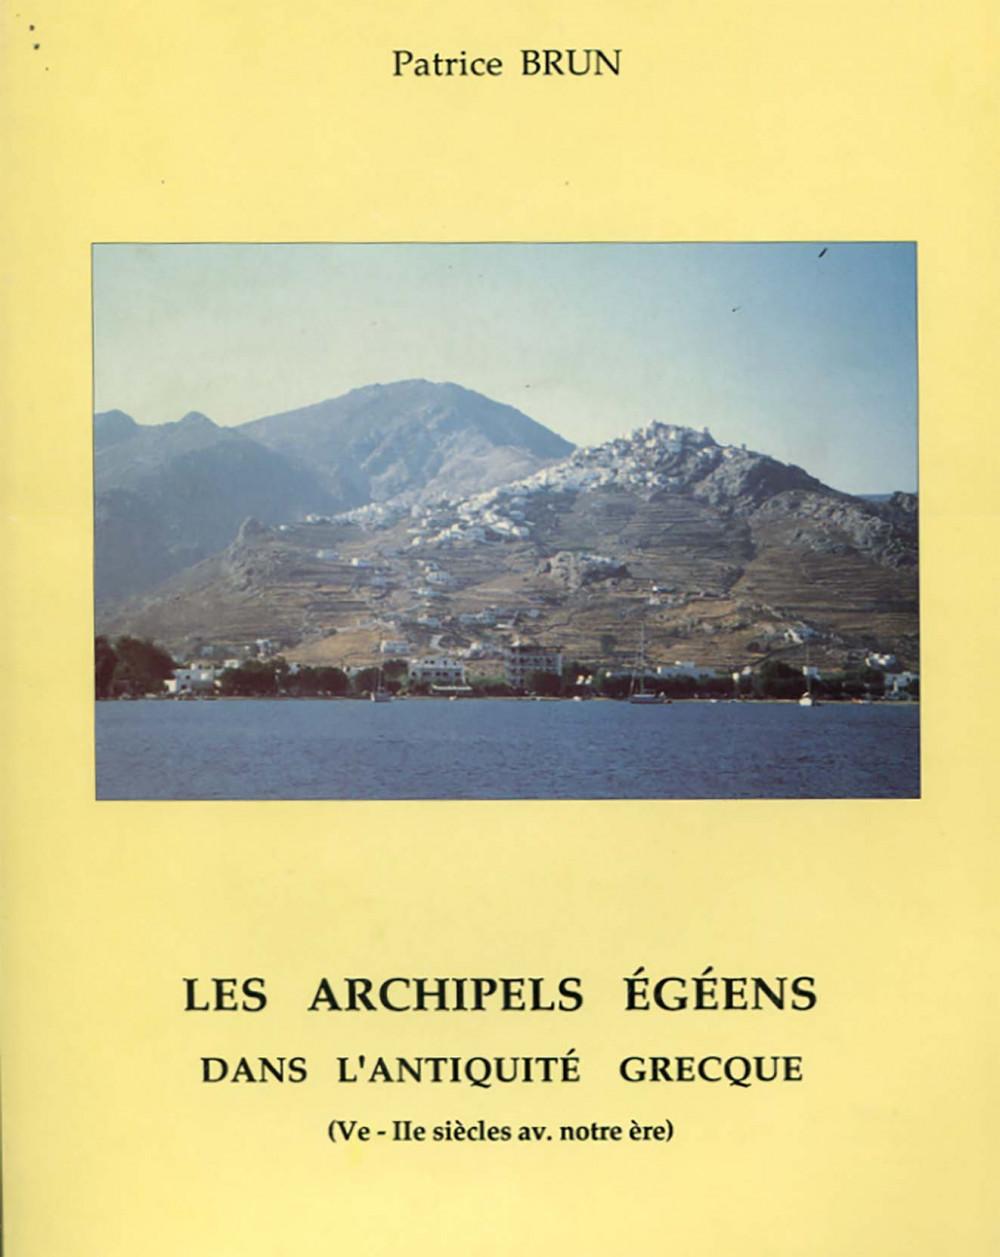 Les archipels égéens dans l'Antiquité grecque